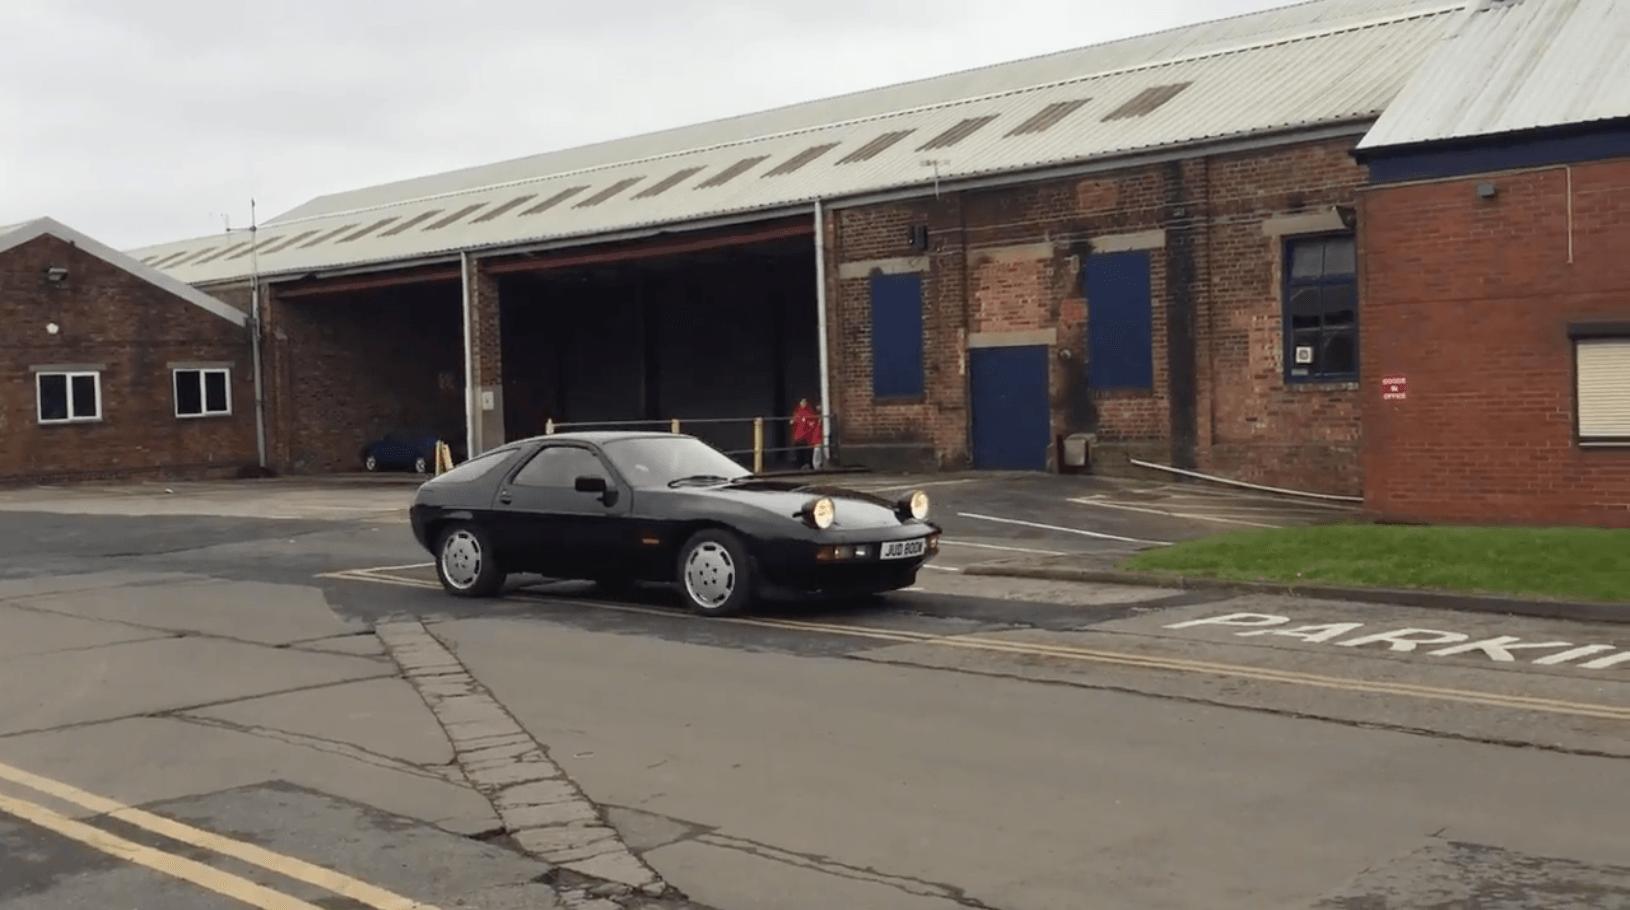 George Harrison's 1980 Porsche 928